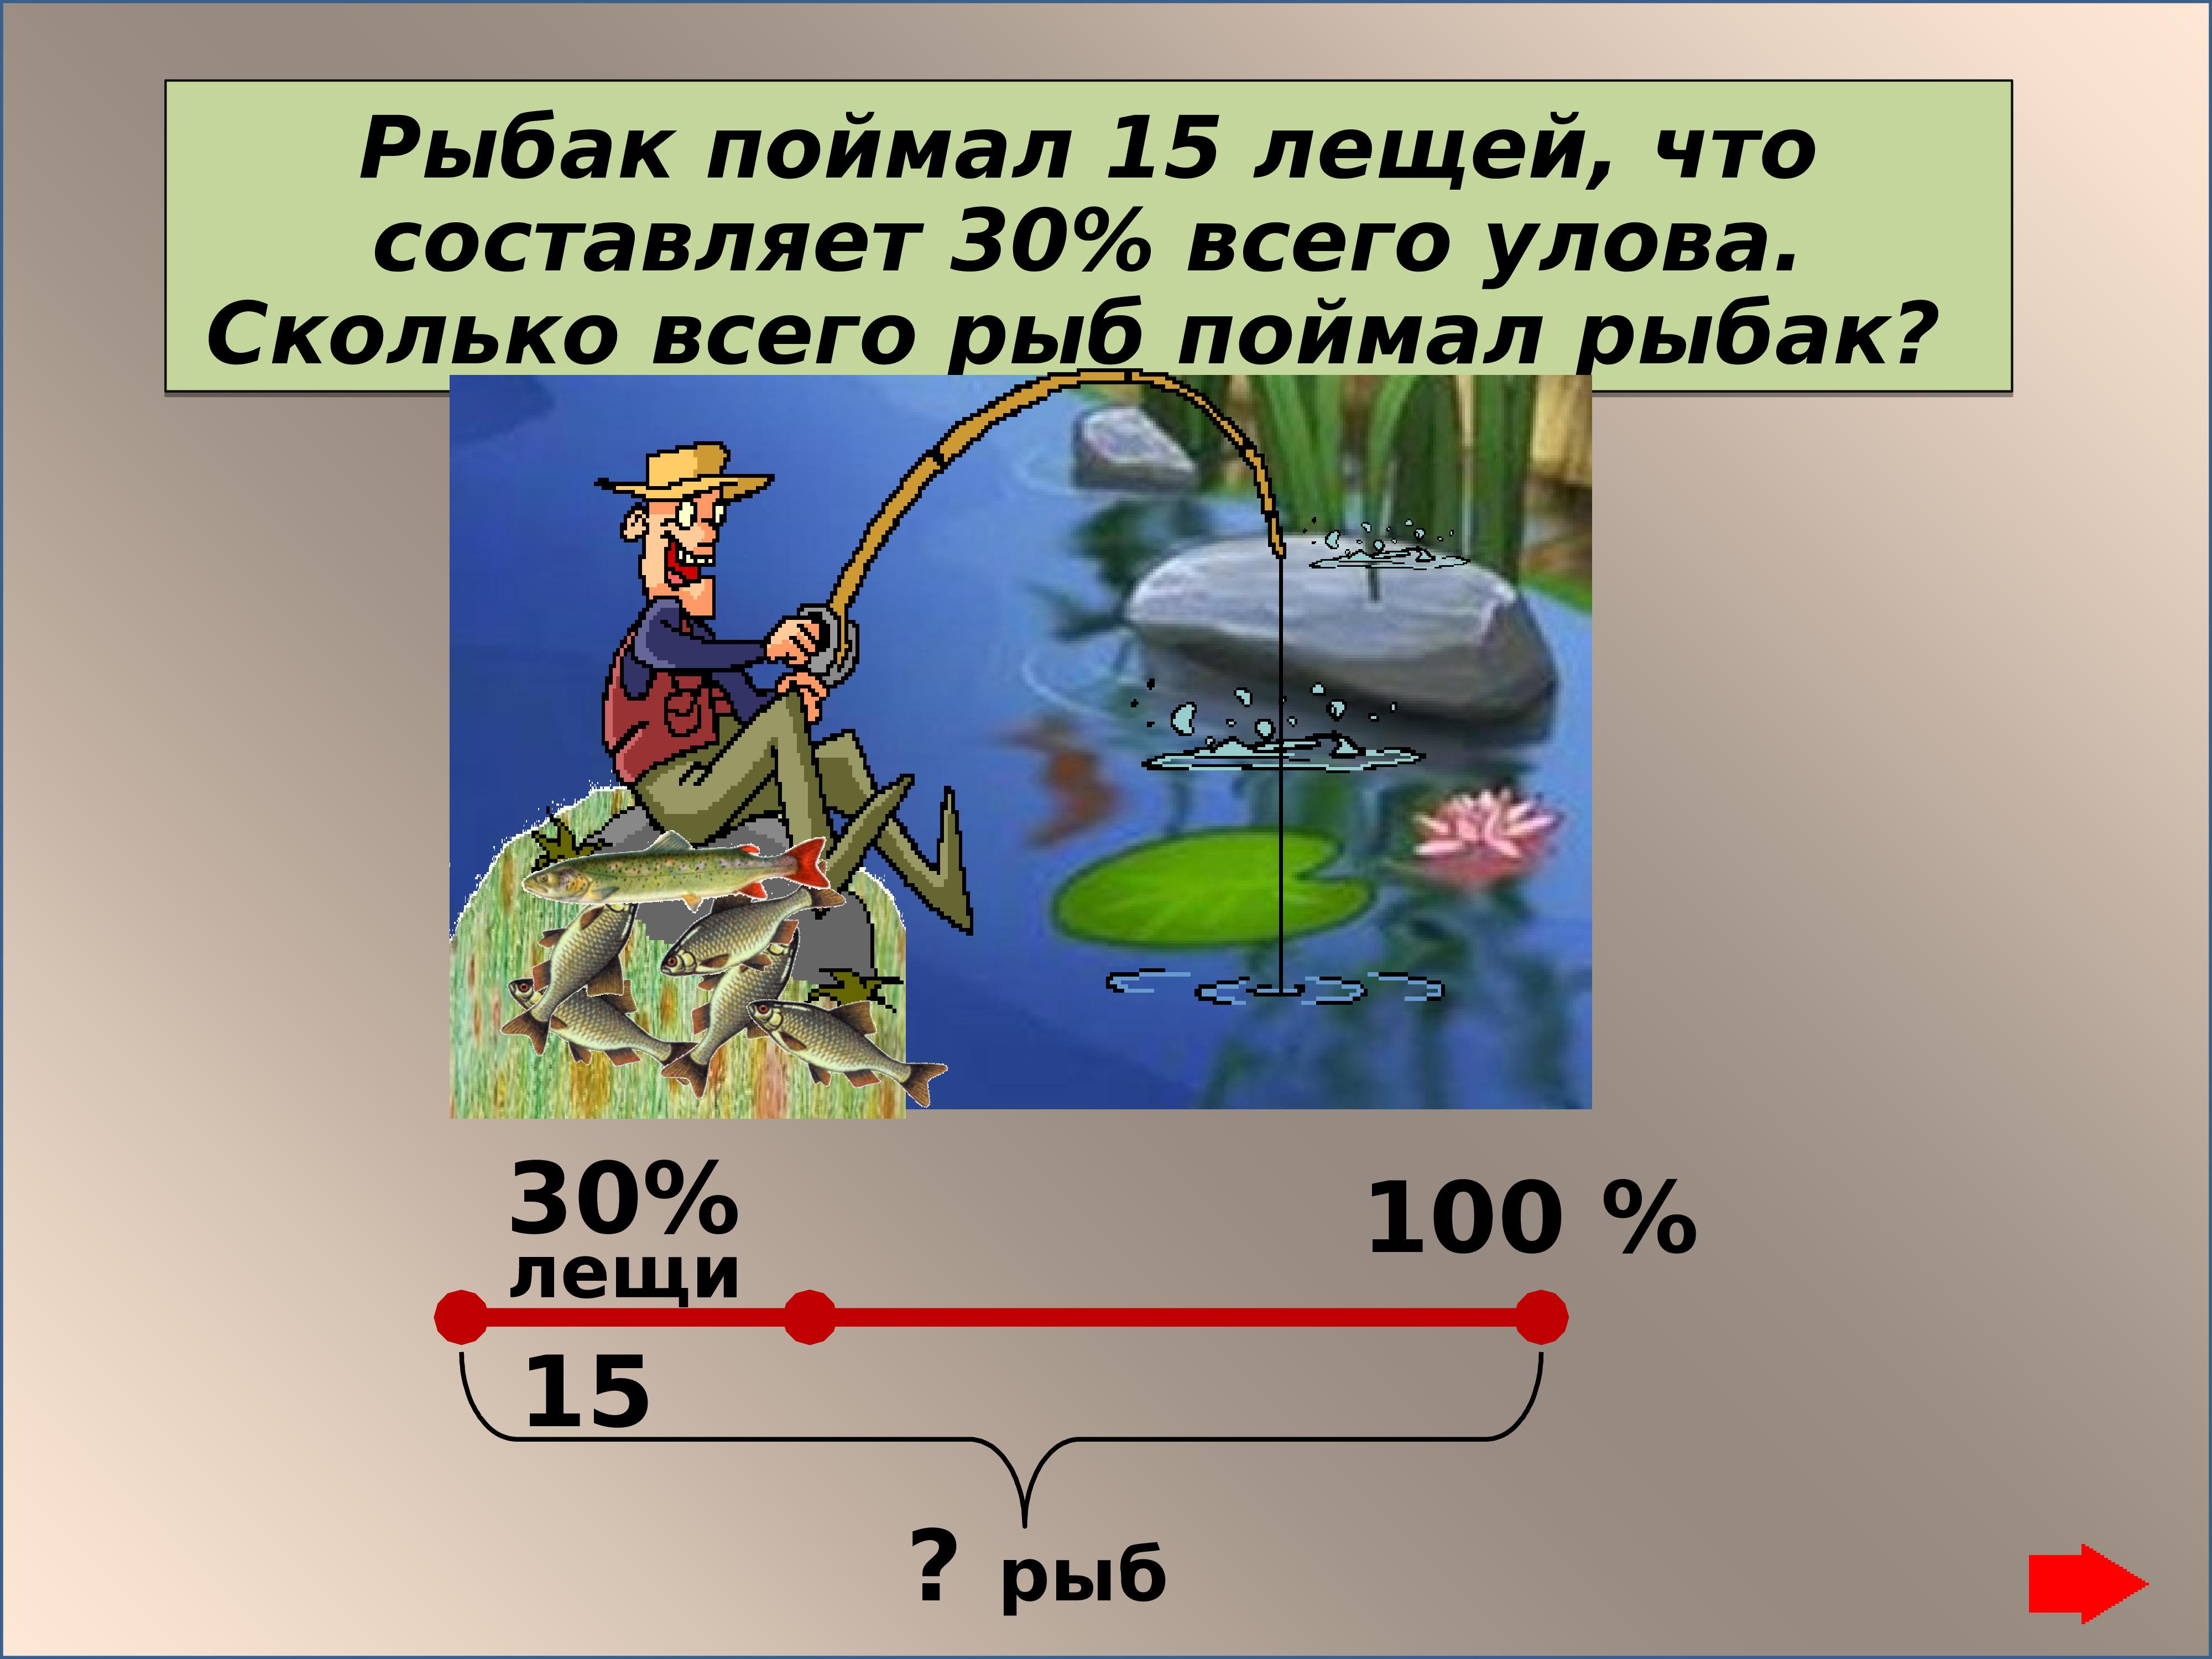 сколько процентов занимает суша